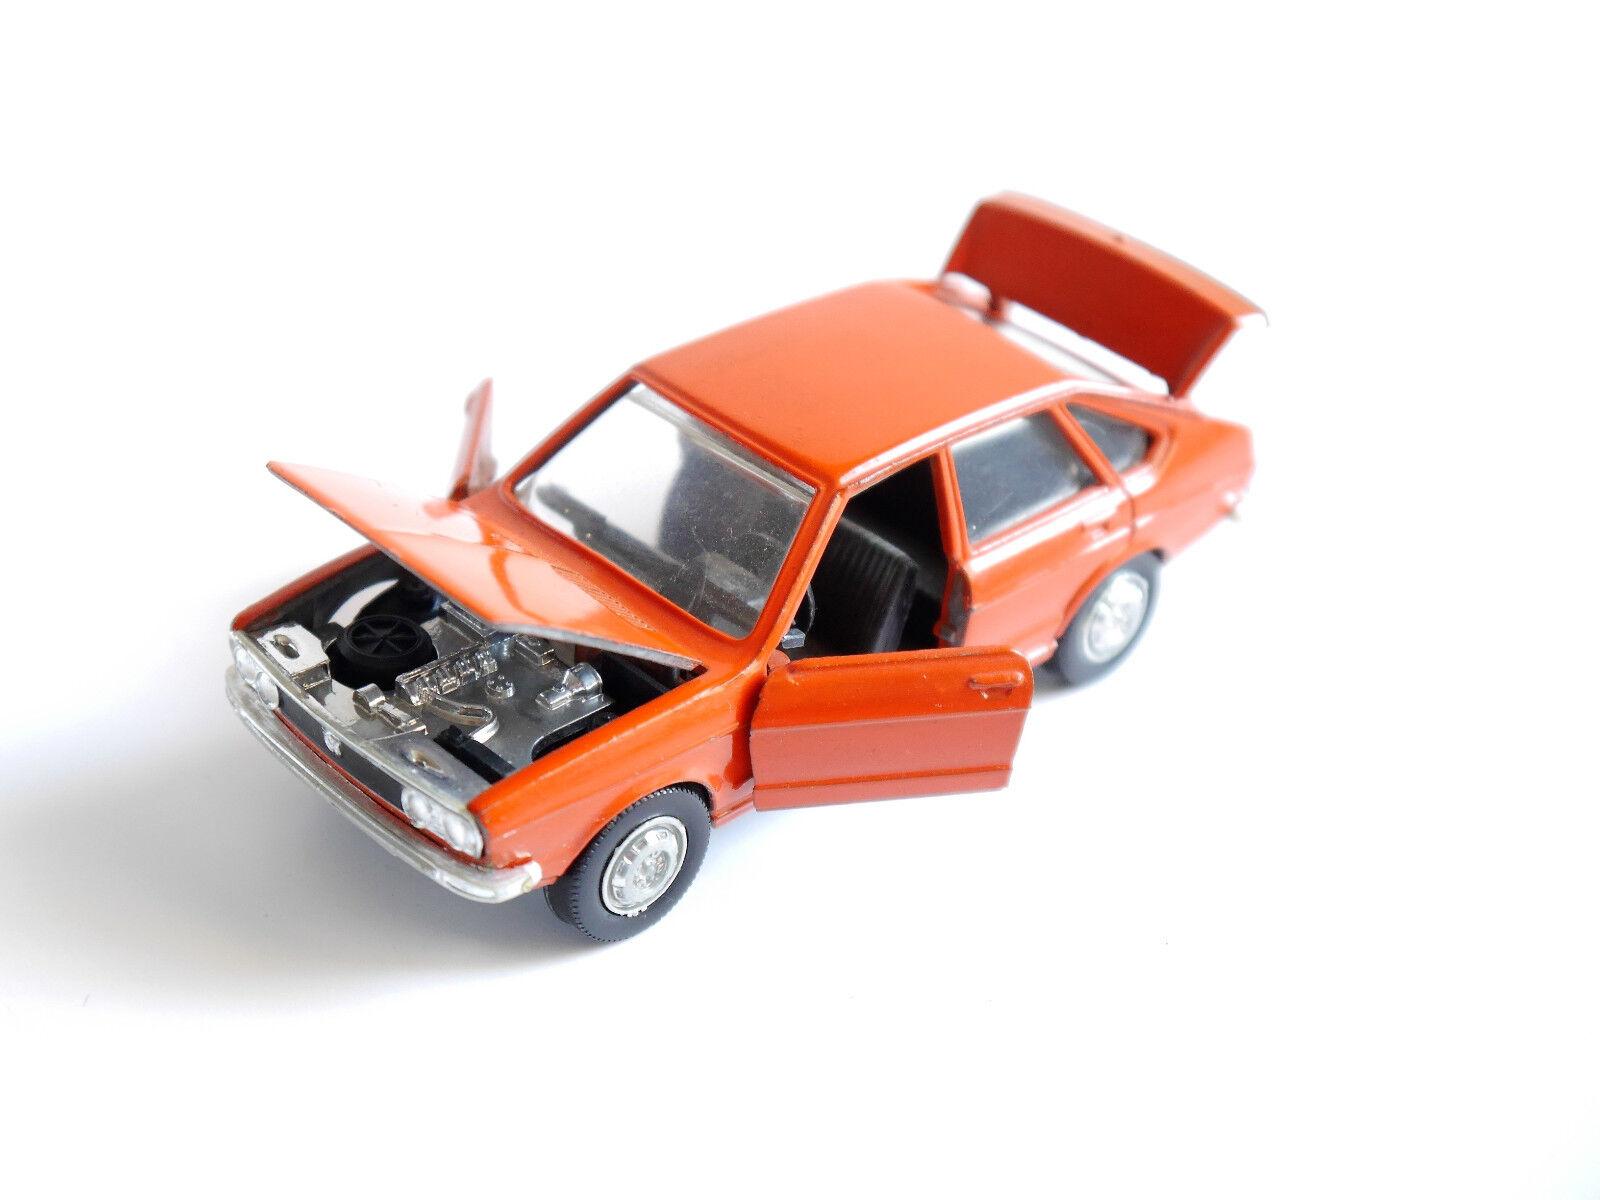 VOLKSWAGEN VW PASSAT b1 32 TS en Orange Rouge Rouge Rouge Rouge rouge ROJA rouge, SCHUCO 1 43 957208